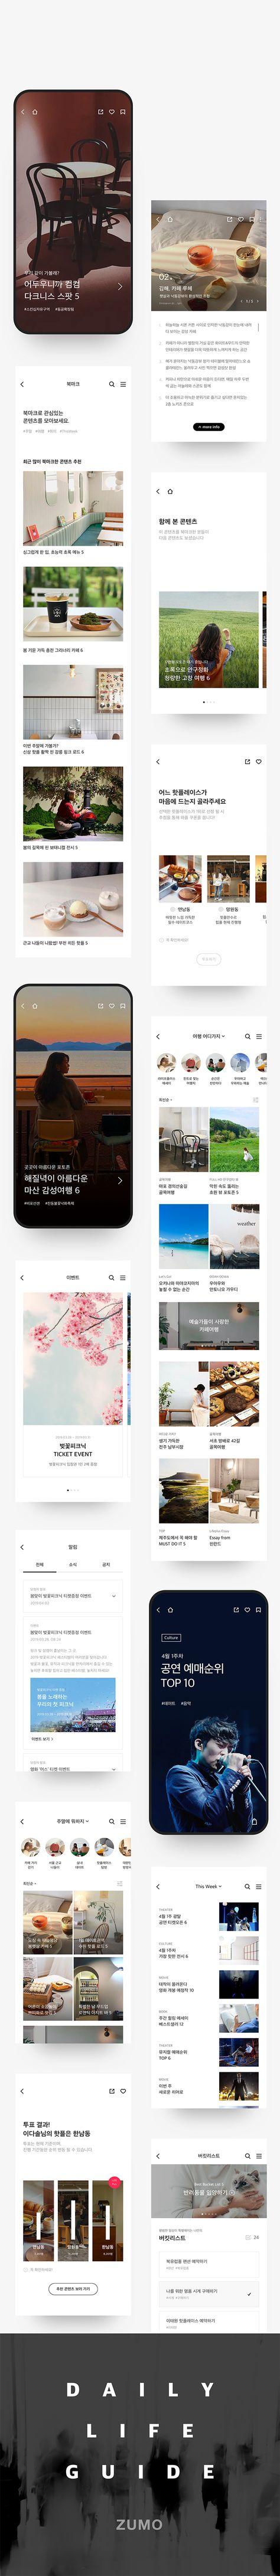 ZUMO 앱은 일상 속 새로운 삶의 변화를 줄 수 있는 콘텐츠와 서비스로의 브랜드 확장에 대한 고민에서부터 시작됐다. 자연스럽게 사용자 일상 속에 서비스가 녹아들어 가기 위해 &#...